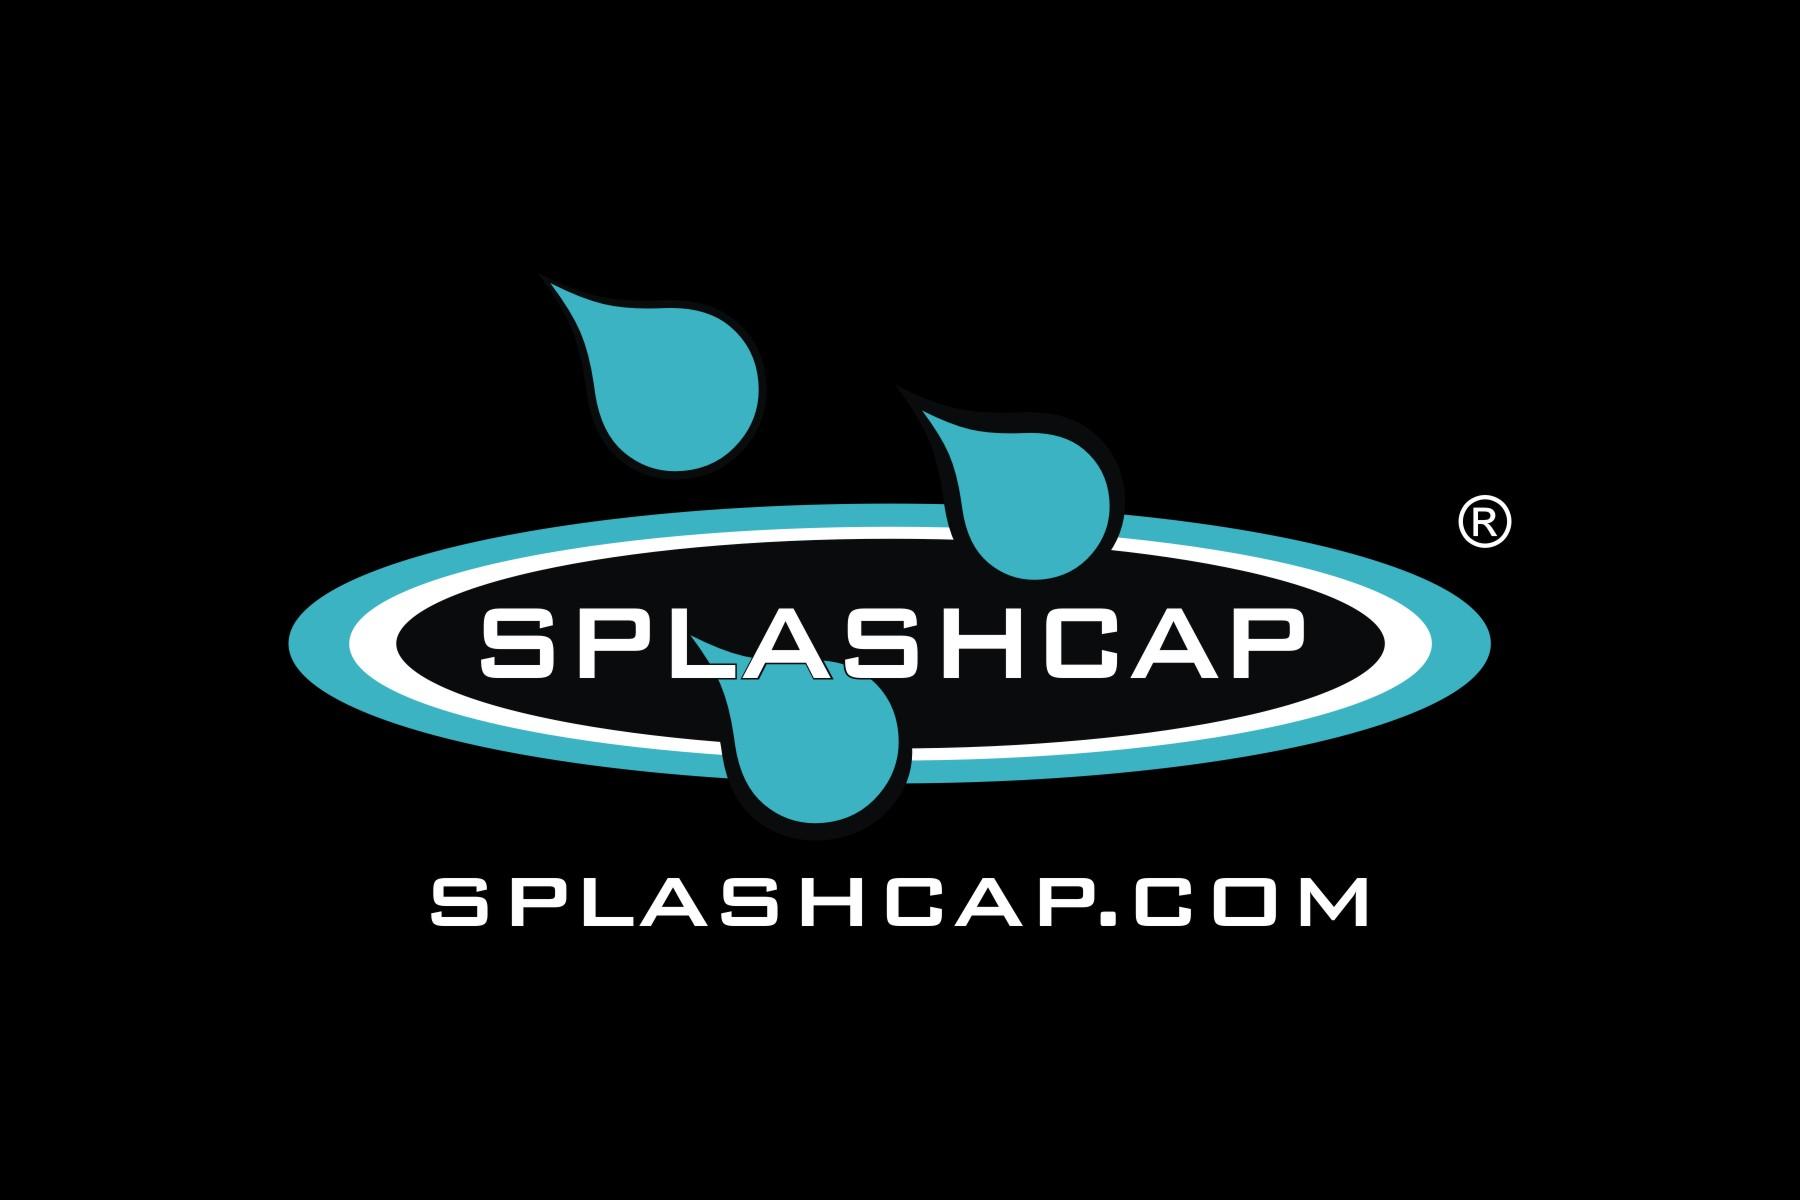 SPLASHCAP-COM-R-BLACK-XL